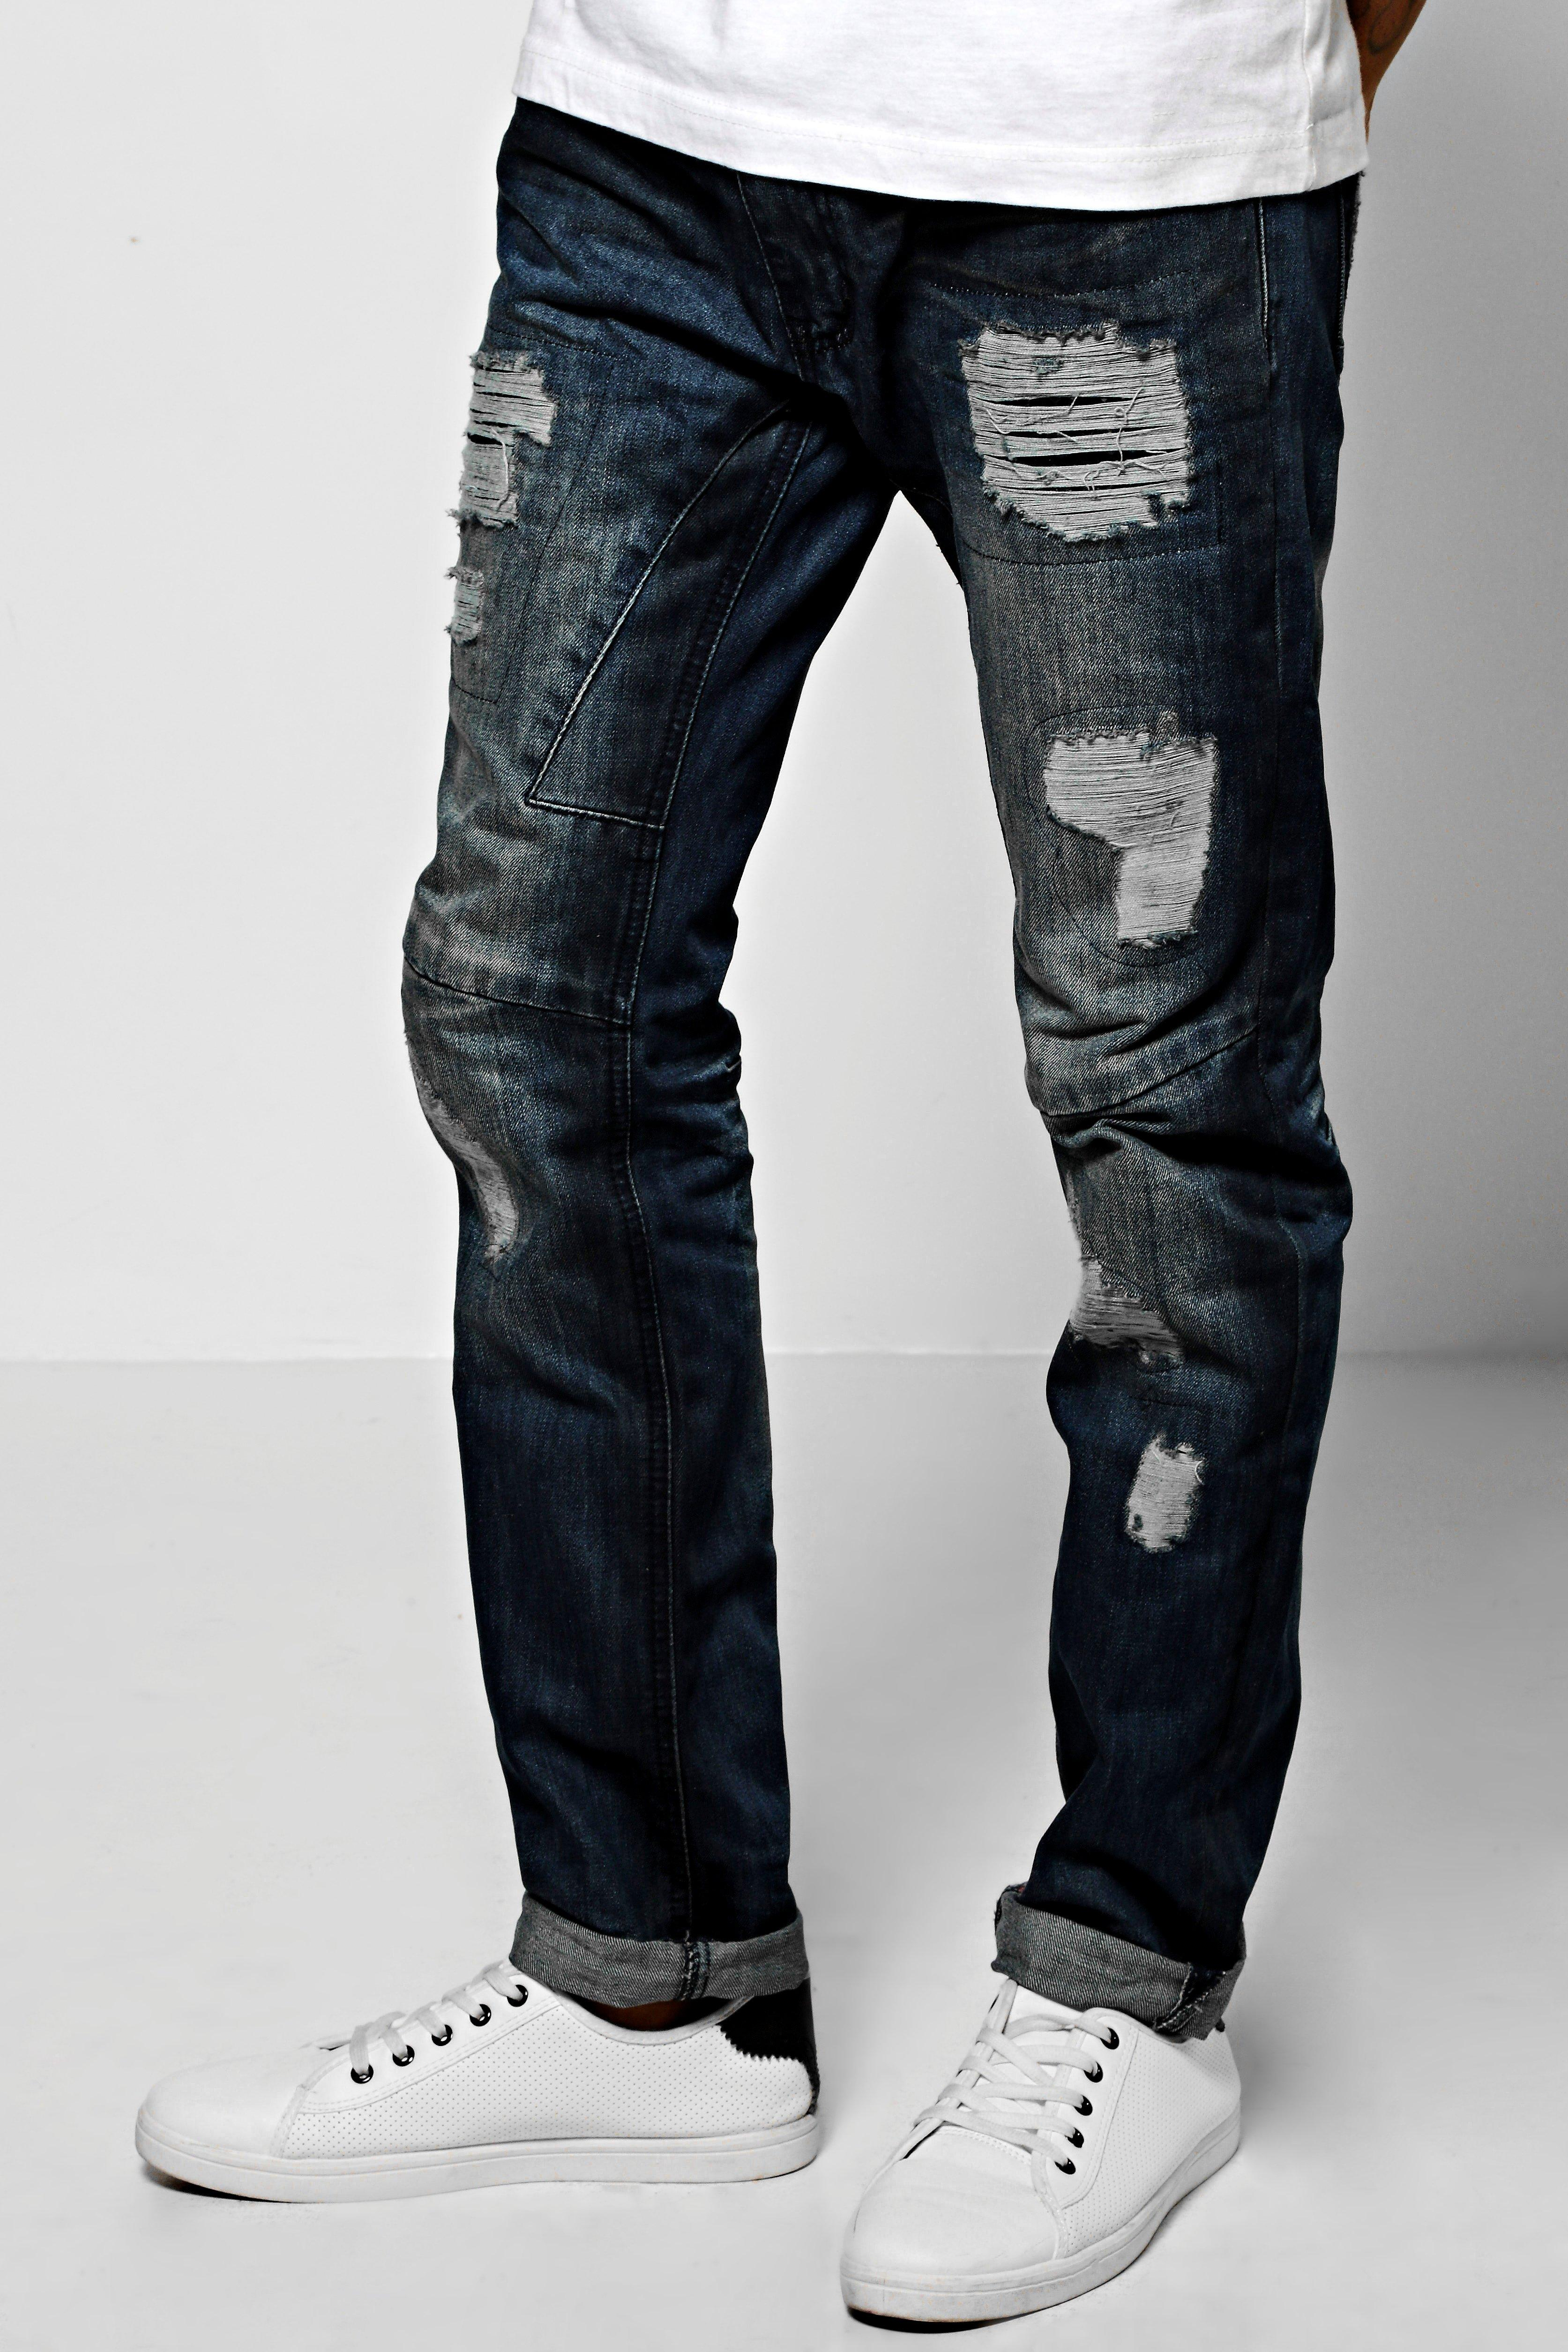 Blue Jeans | Men